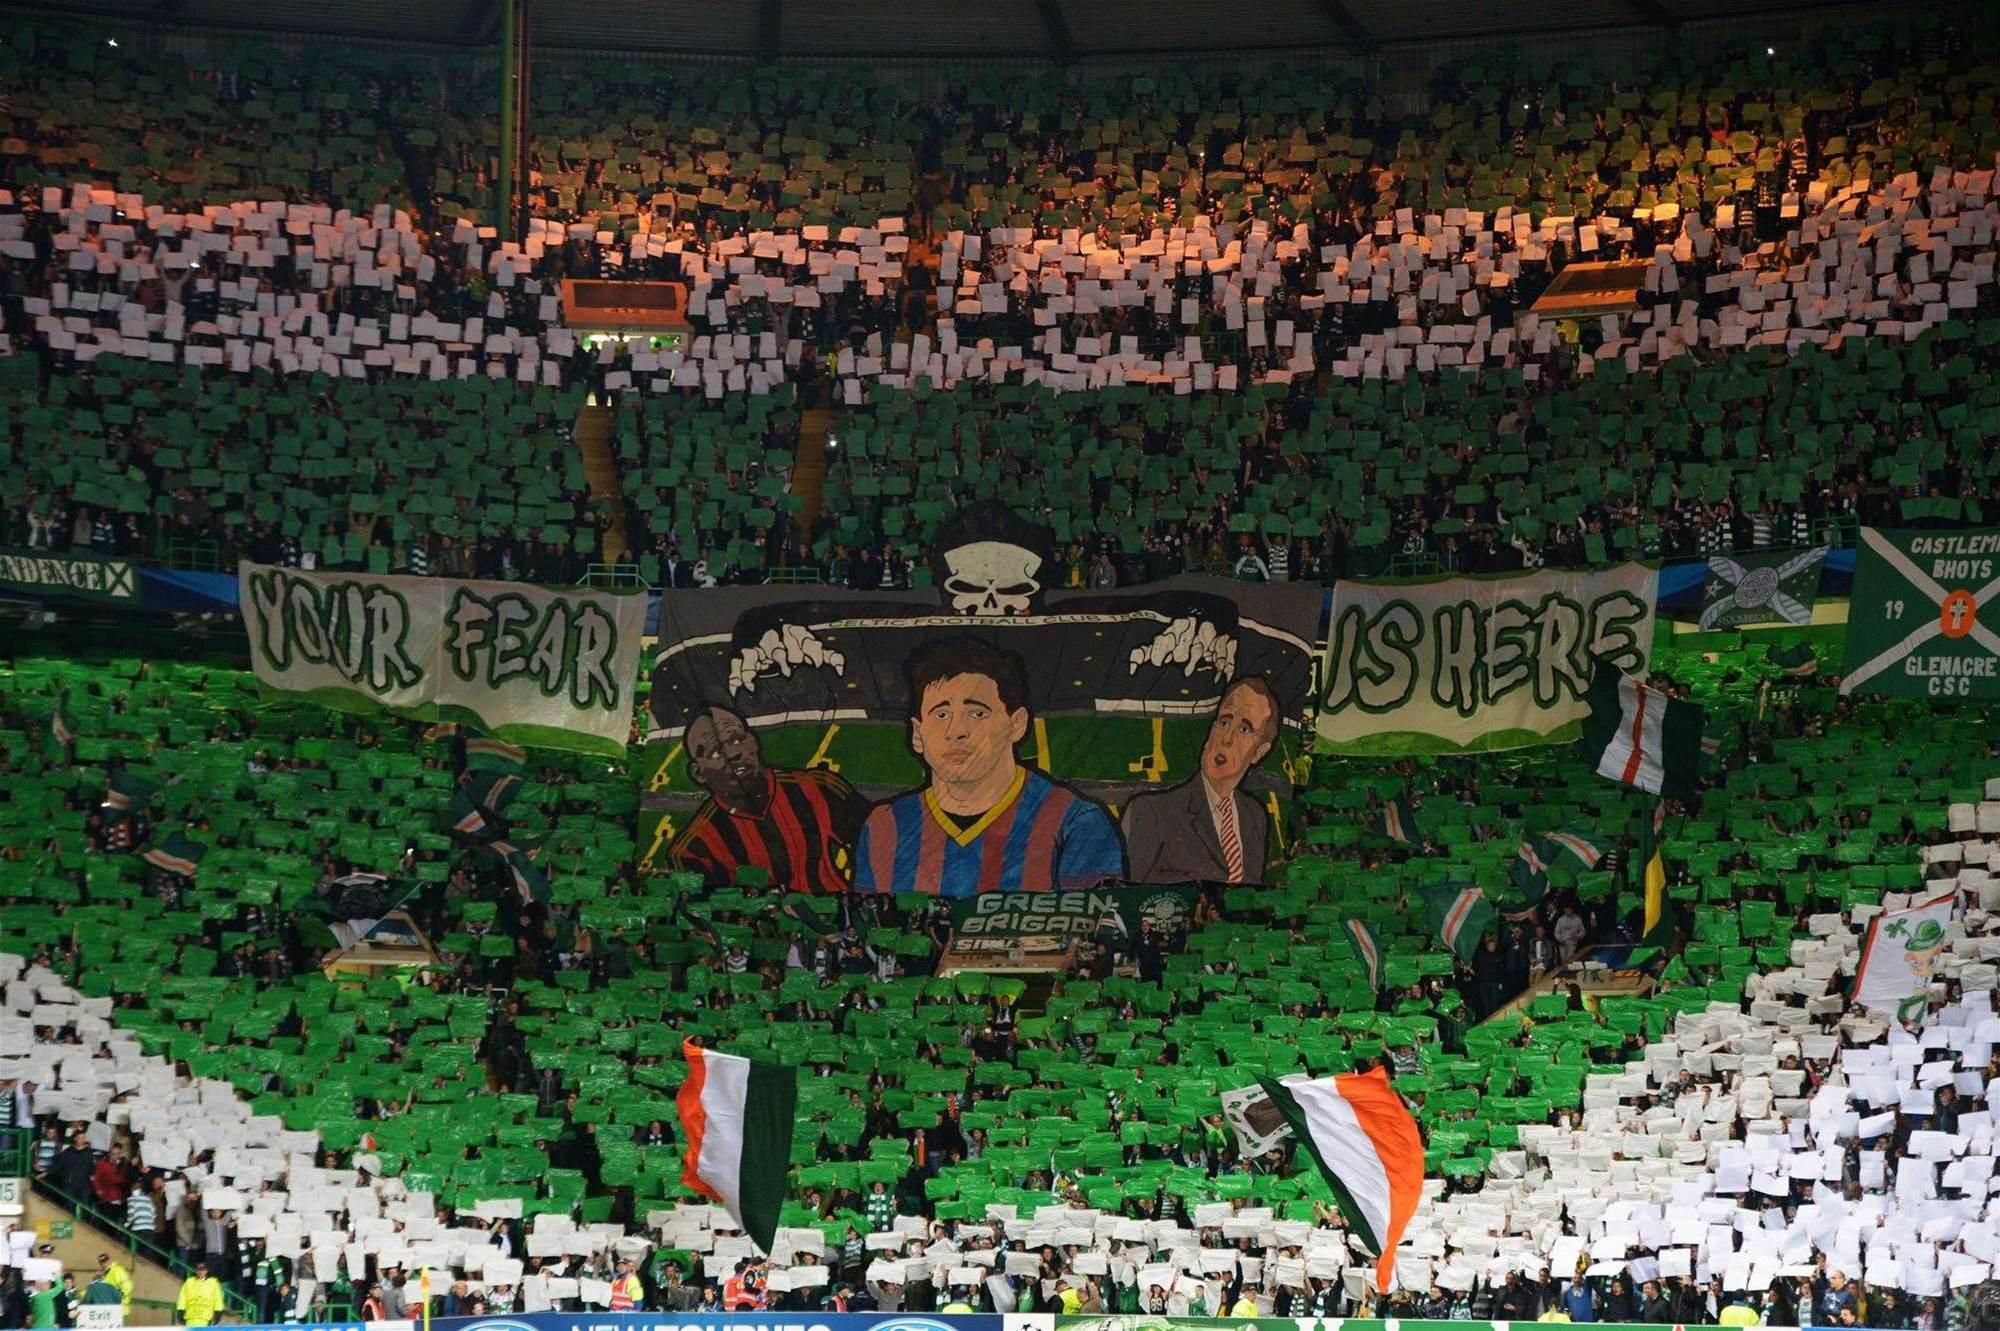 Celtic ban 128 fans after crowd trouble